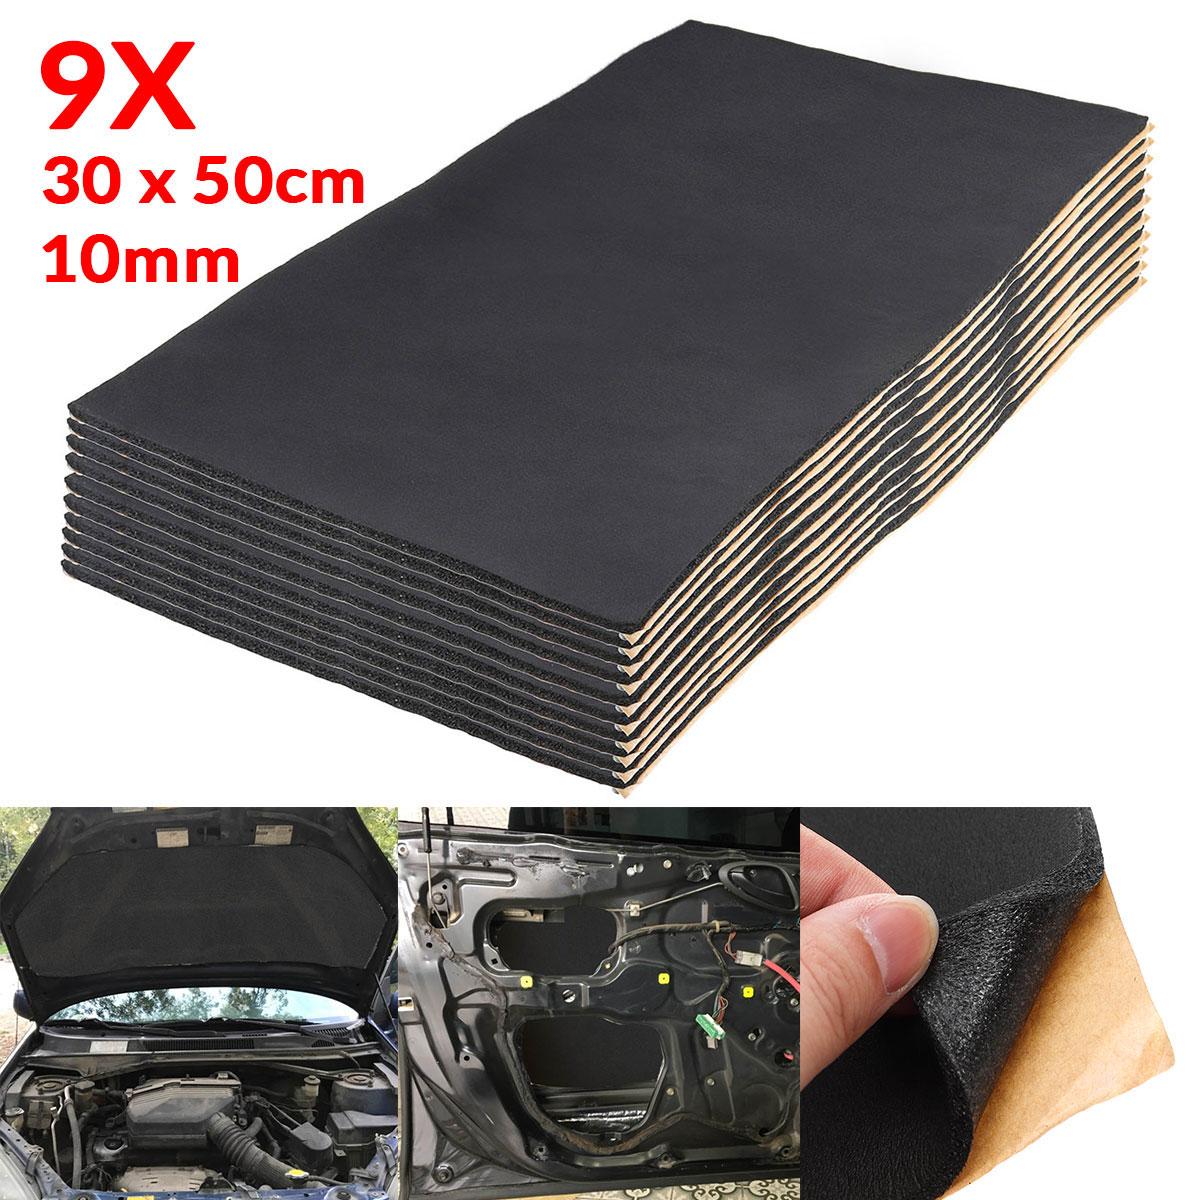 9X 1cm 0.6cm dźwięk samochodu Hot Deadener Mat hałasu dowód Bonnet izolacja tłumiący silnik Firewall ciepła pianka bawełniana naklejka 30x50cm